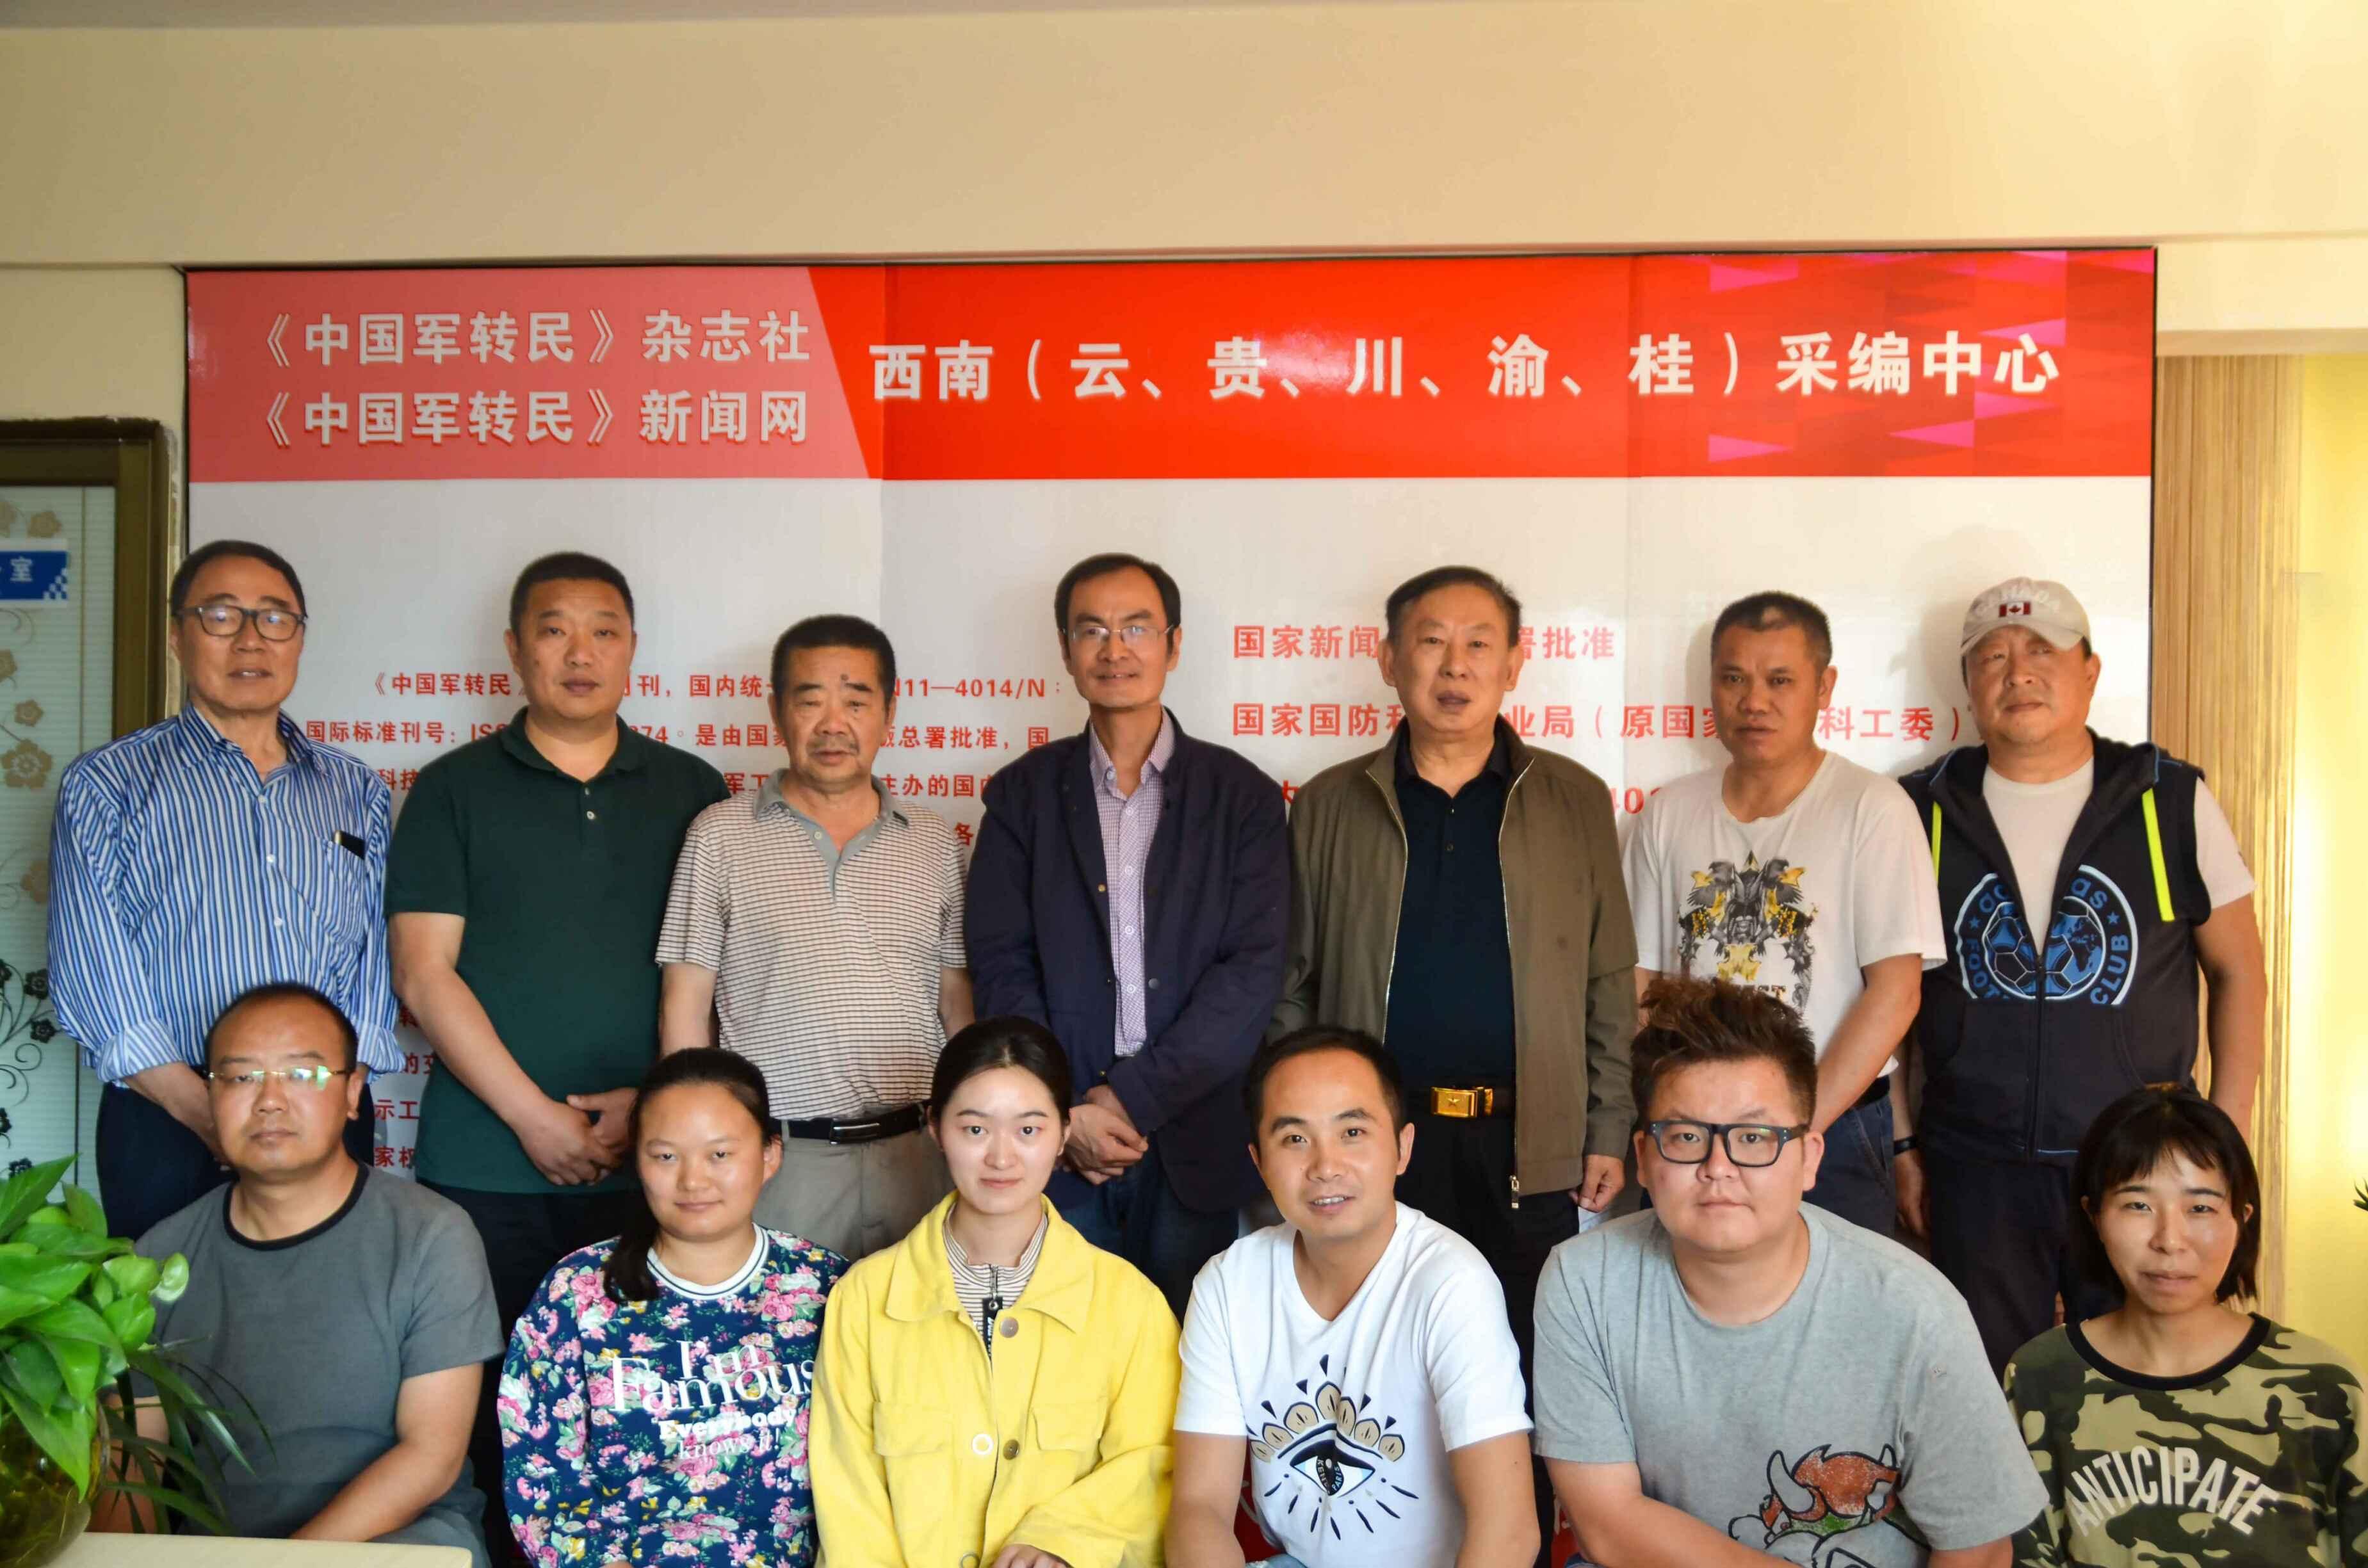 相关领导应邀做客《中国军转民》杂志社西南中心 同期举行聘书颁发仪式